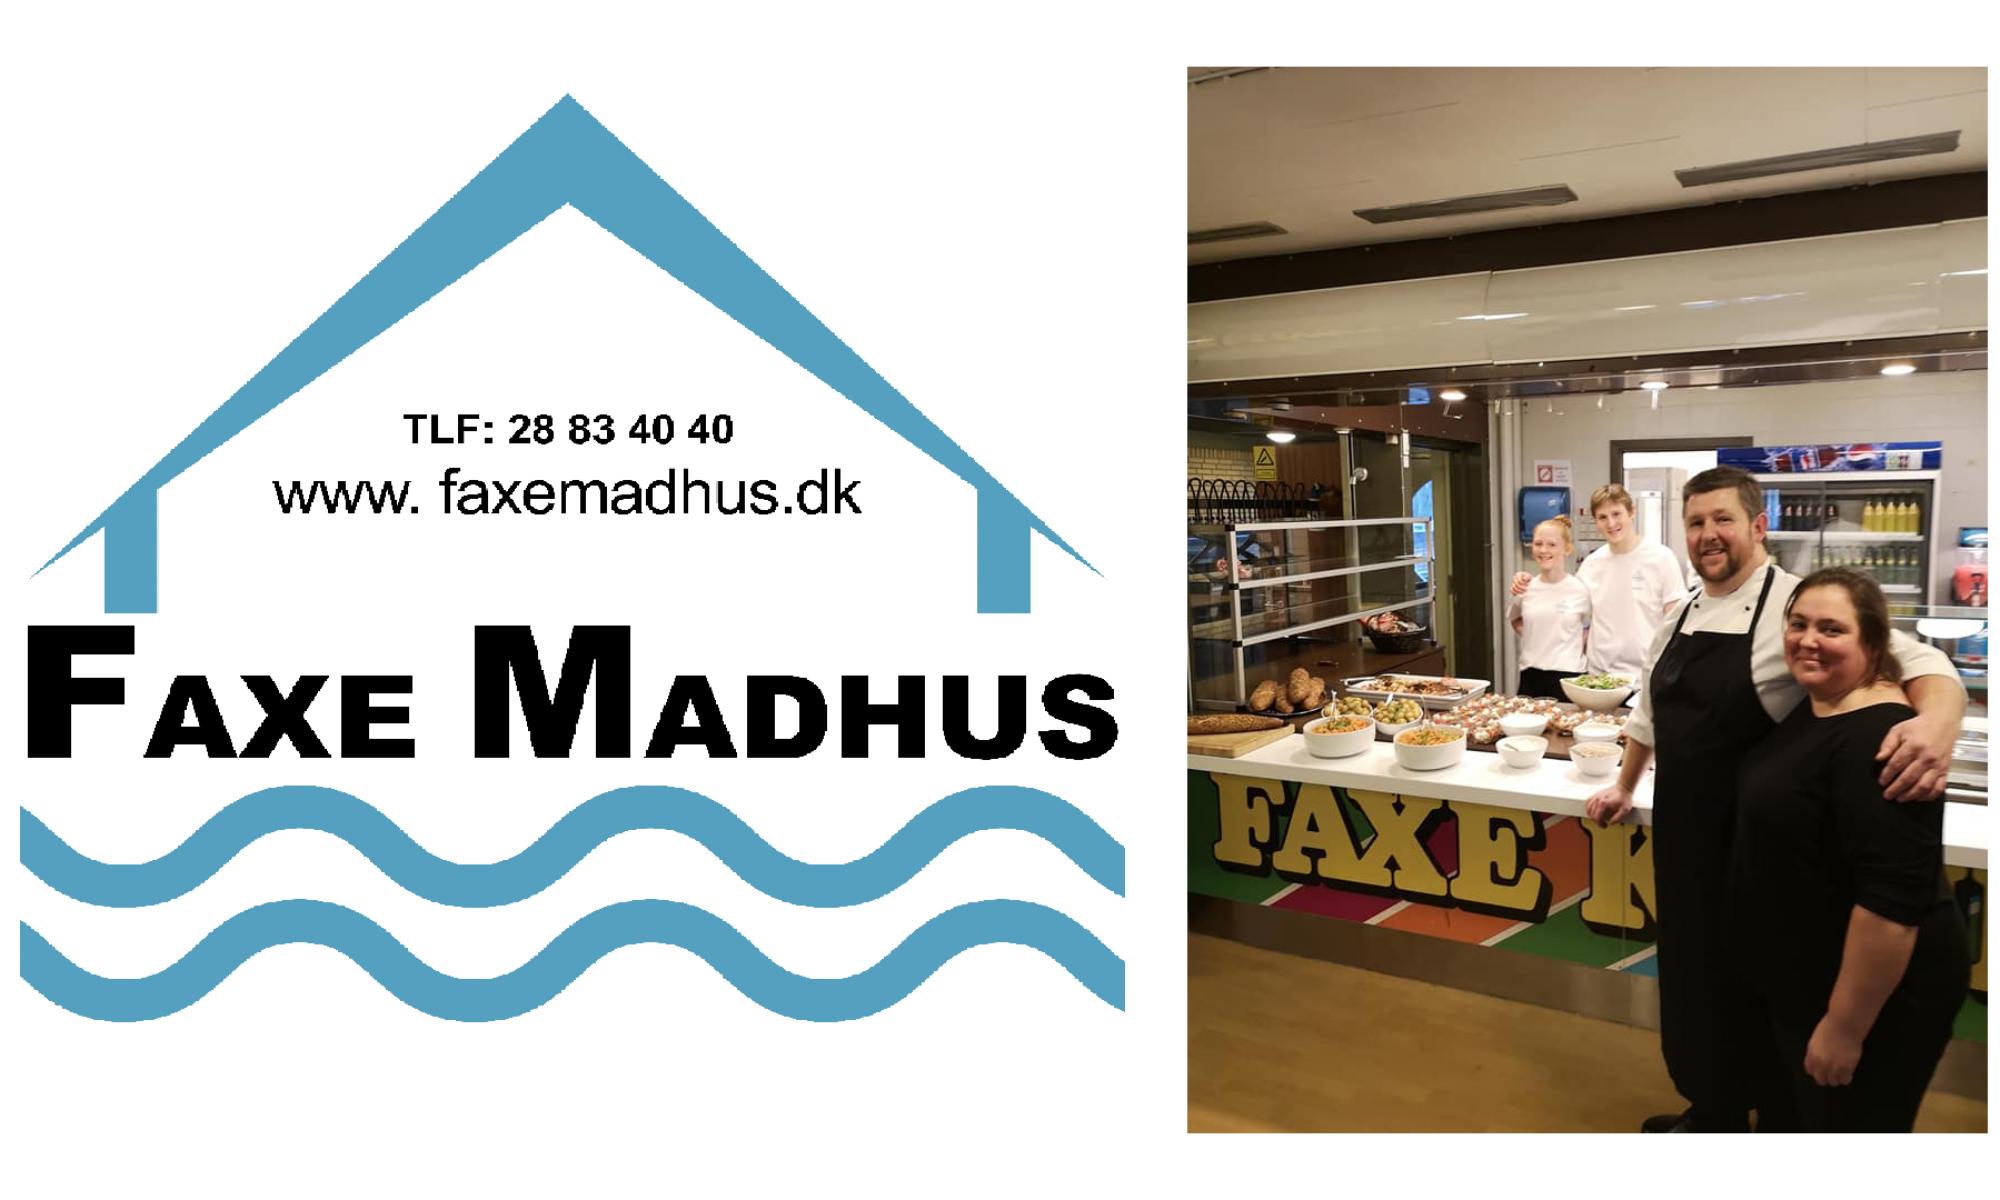 Faxe Madhus